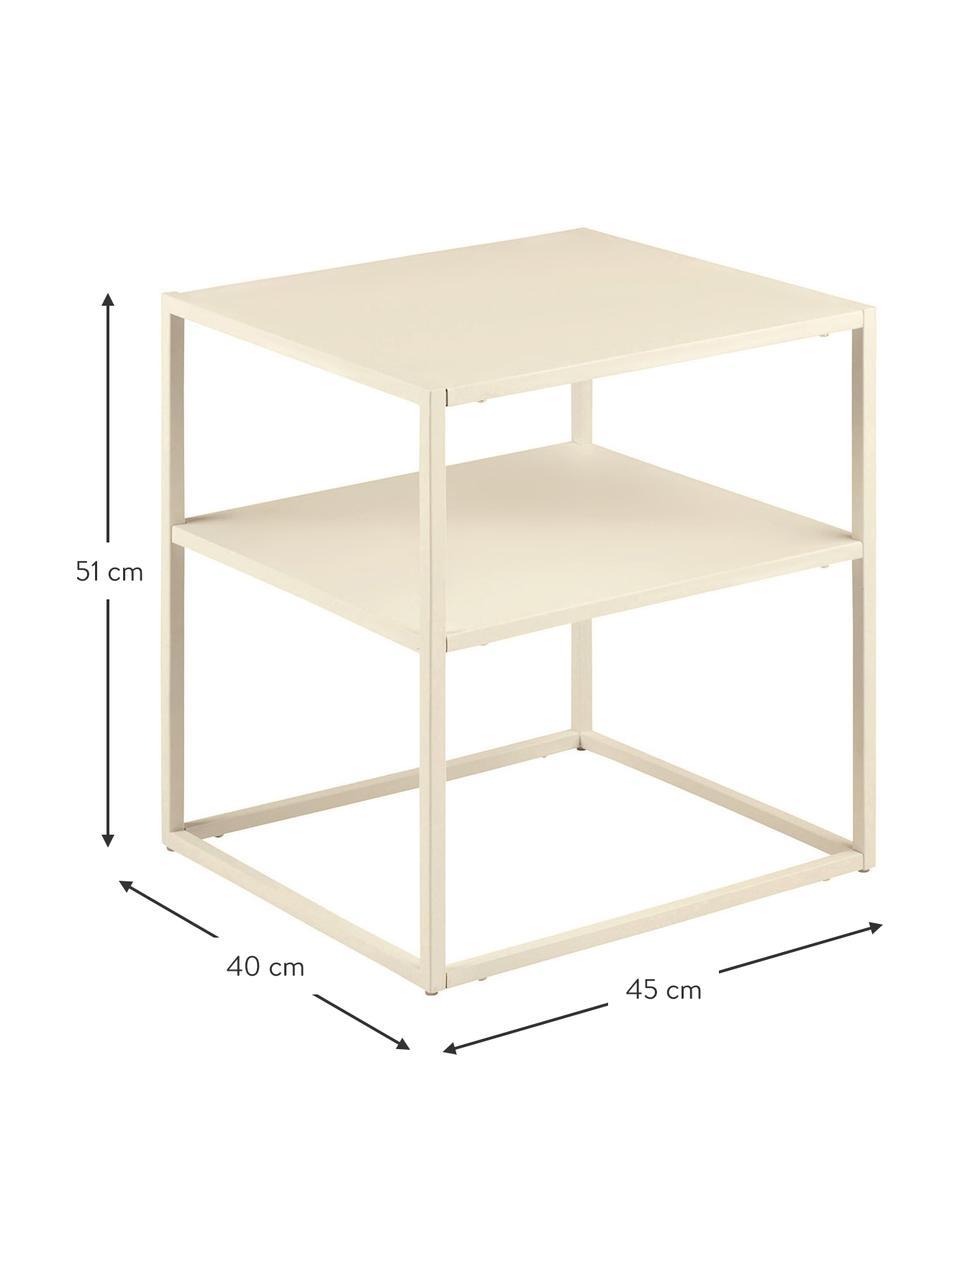 Tavolino in metallo beige Newton, Metallo verniciato a polvere, Beige, Larg. 45 x Prof. 40 cm